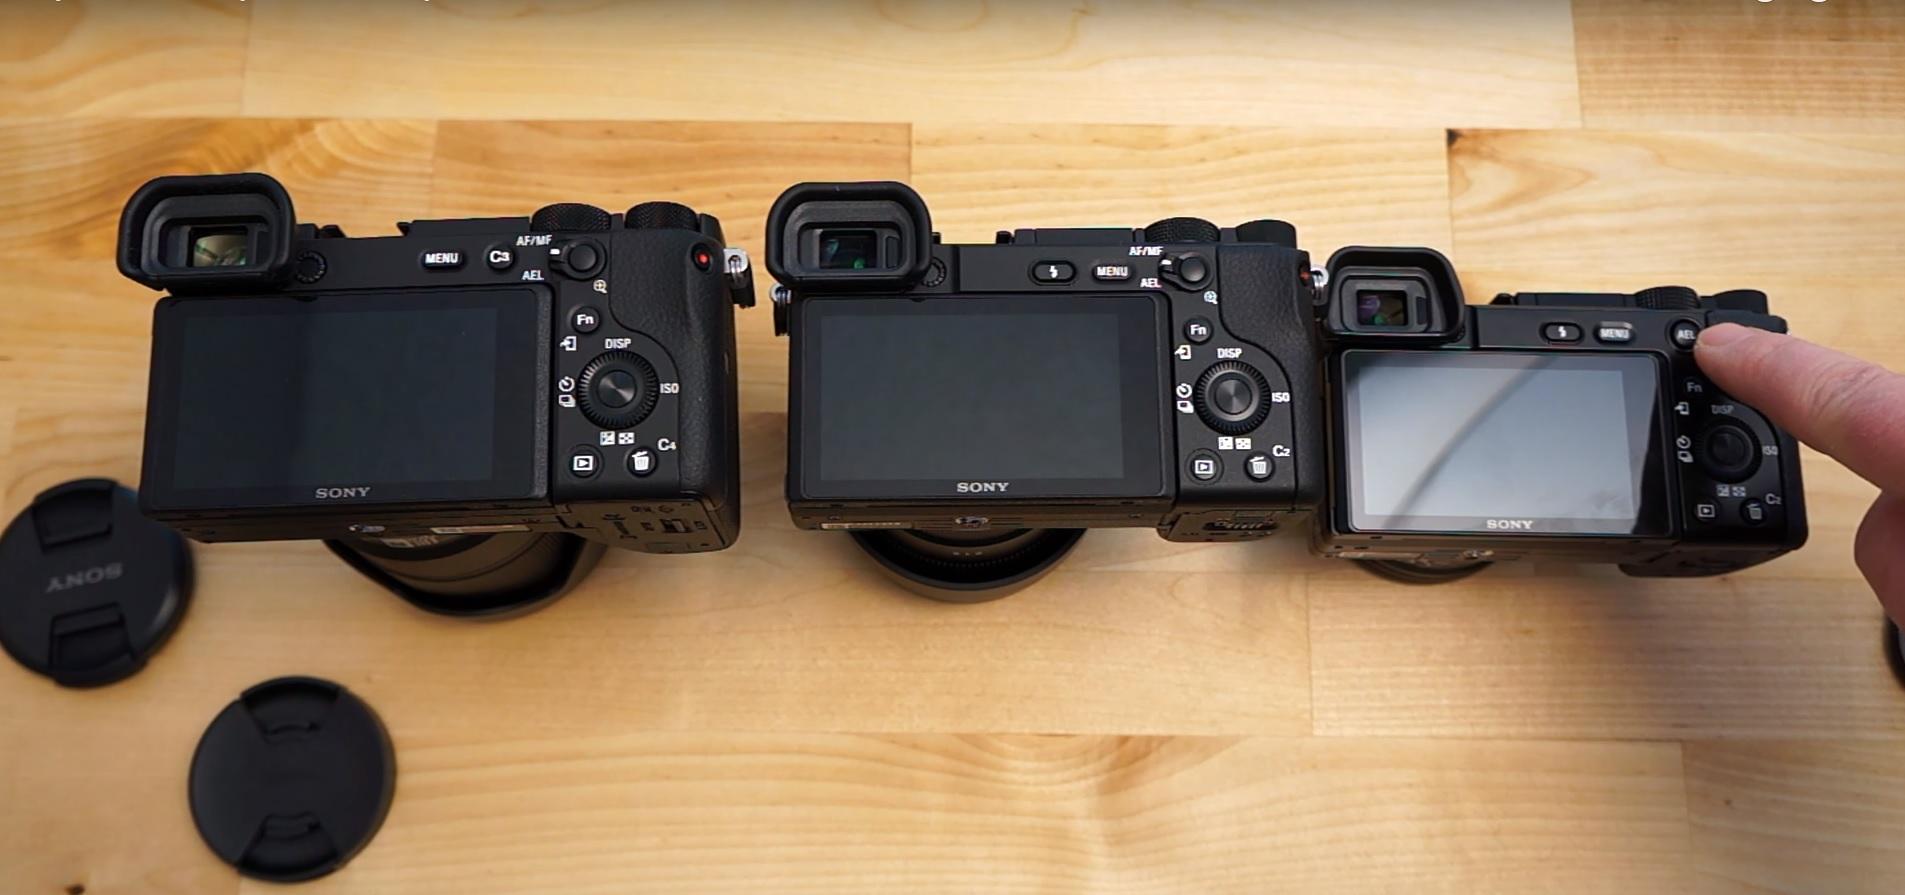 Sony A6600 vs A6400 vs A6100.JPG